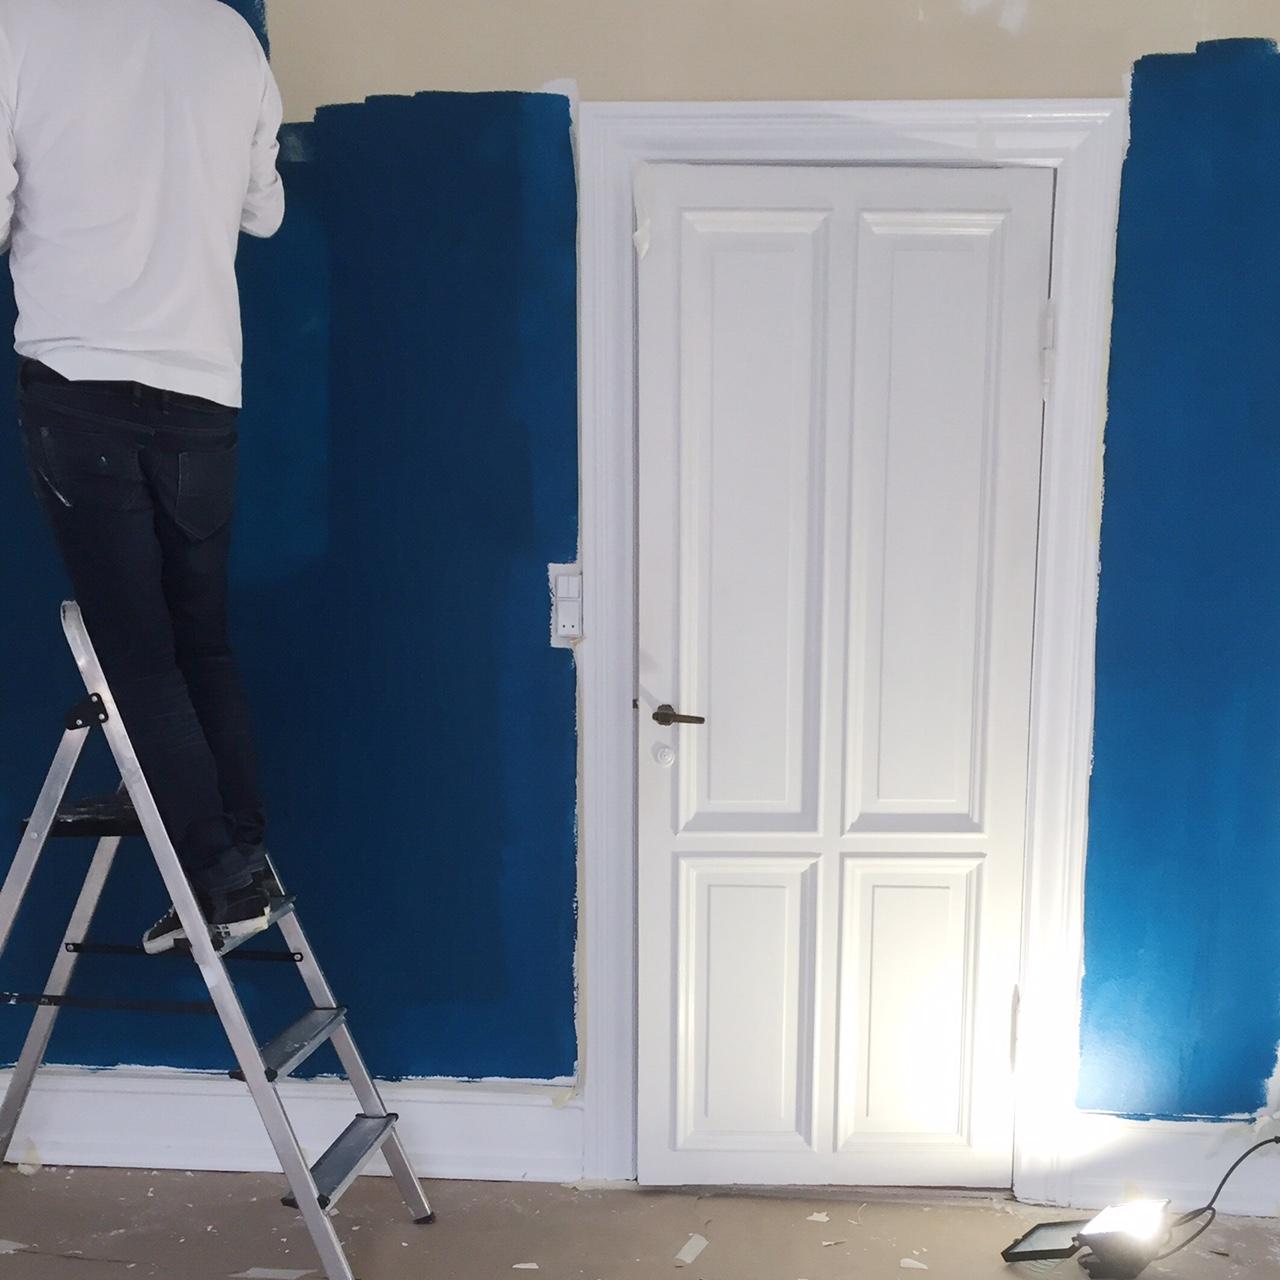 Sininen seinä etenee